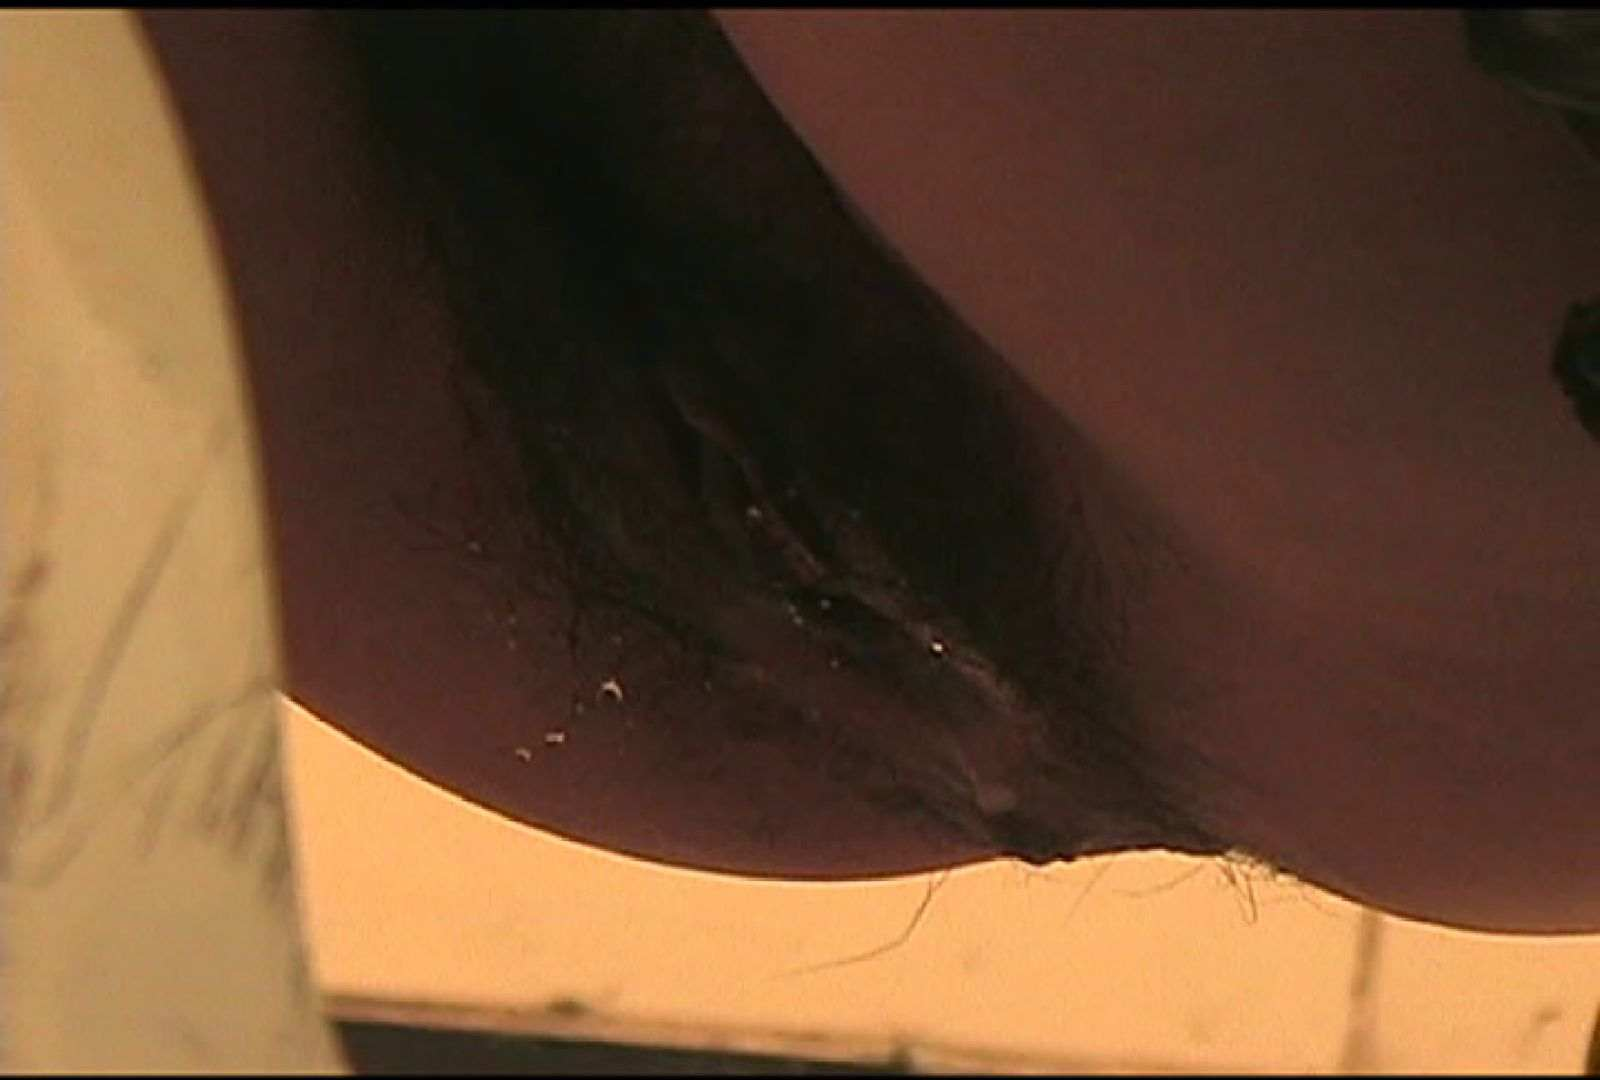 マンコ丸見え女子洗面所Vol.51 丸見え 盗撮アダルト動画キャプチャ 108画像 22